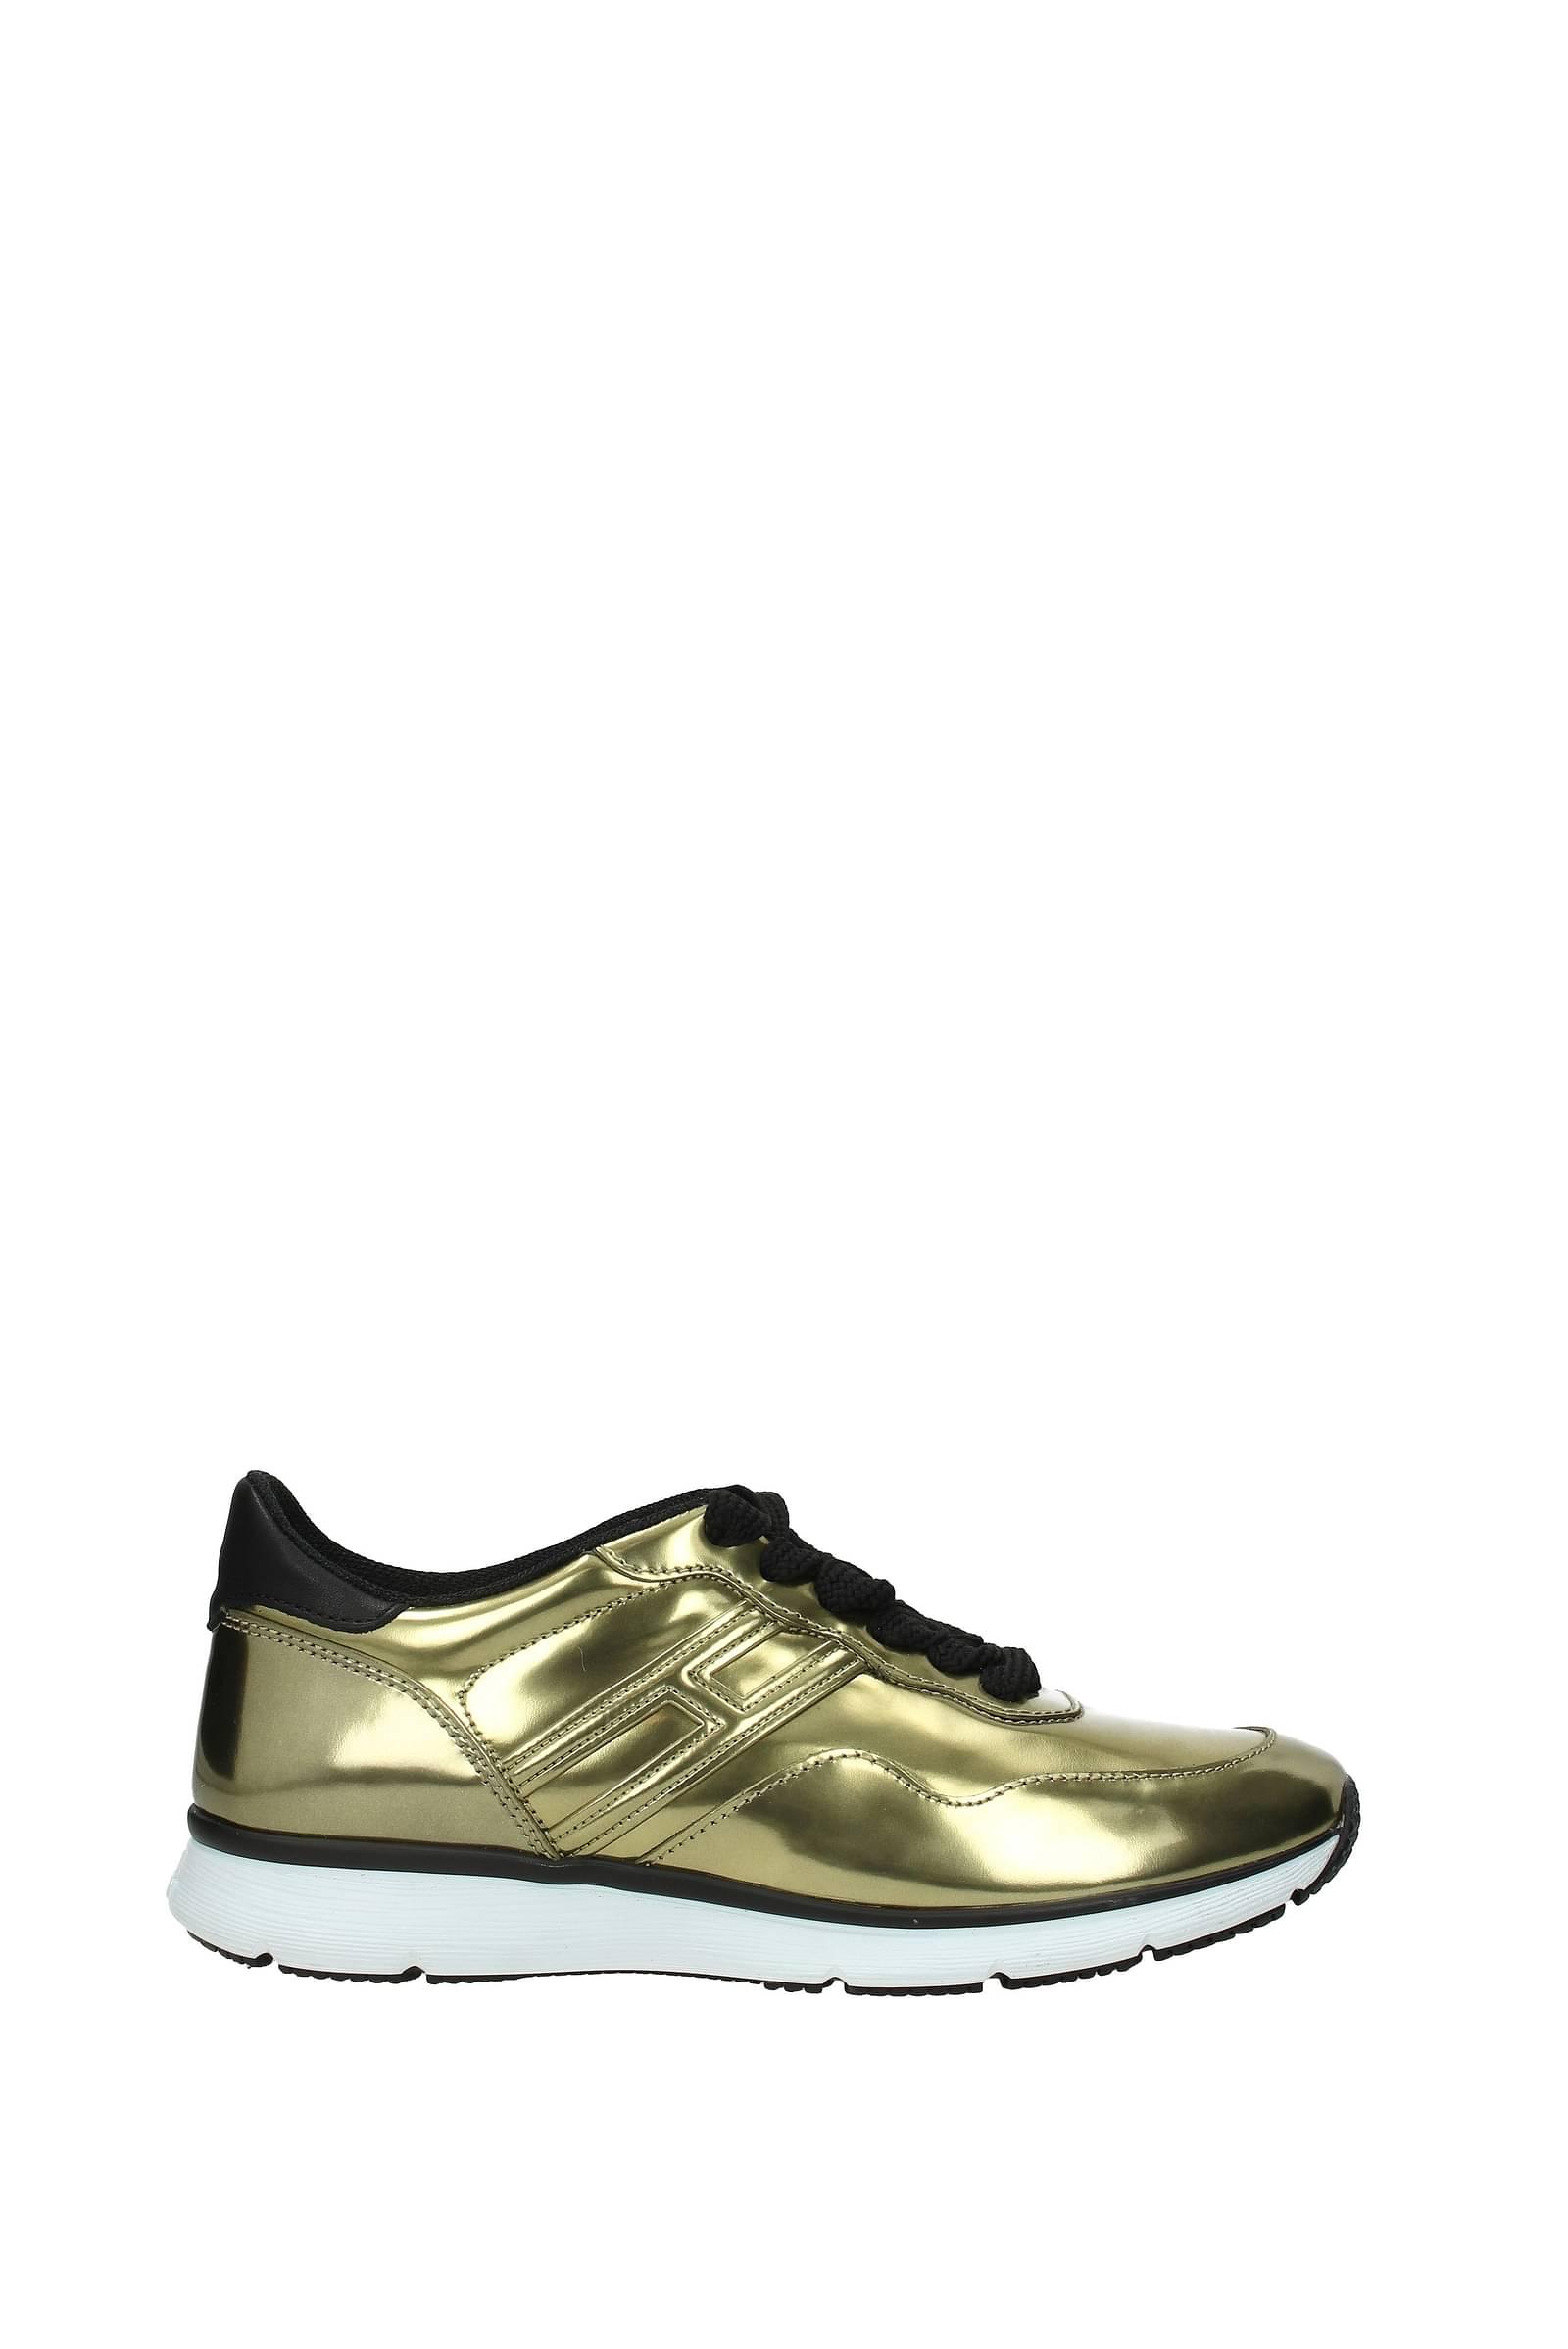 Hogan Sneakers club Women GYW2540W760ED61199 Leather 115,5€